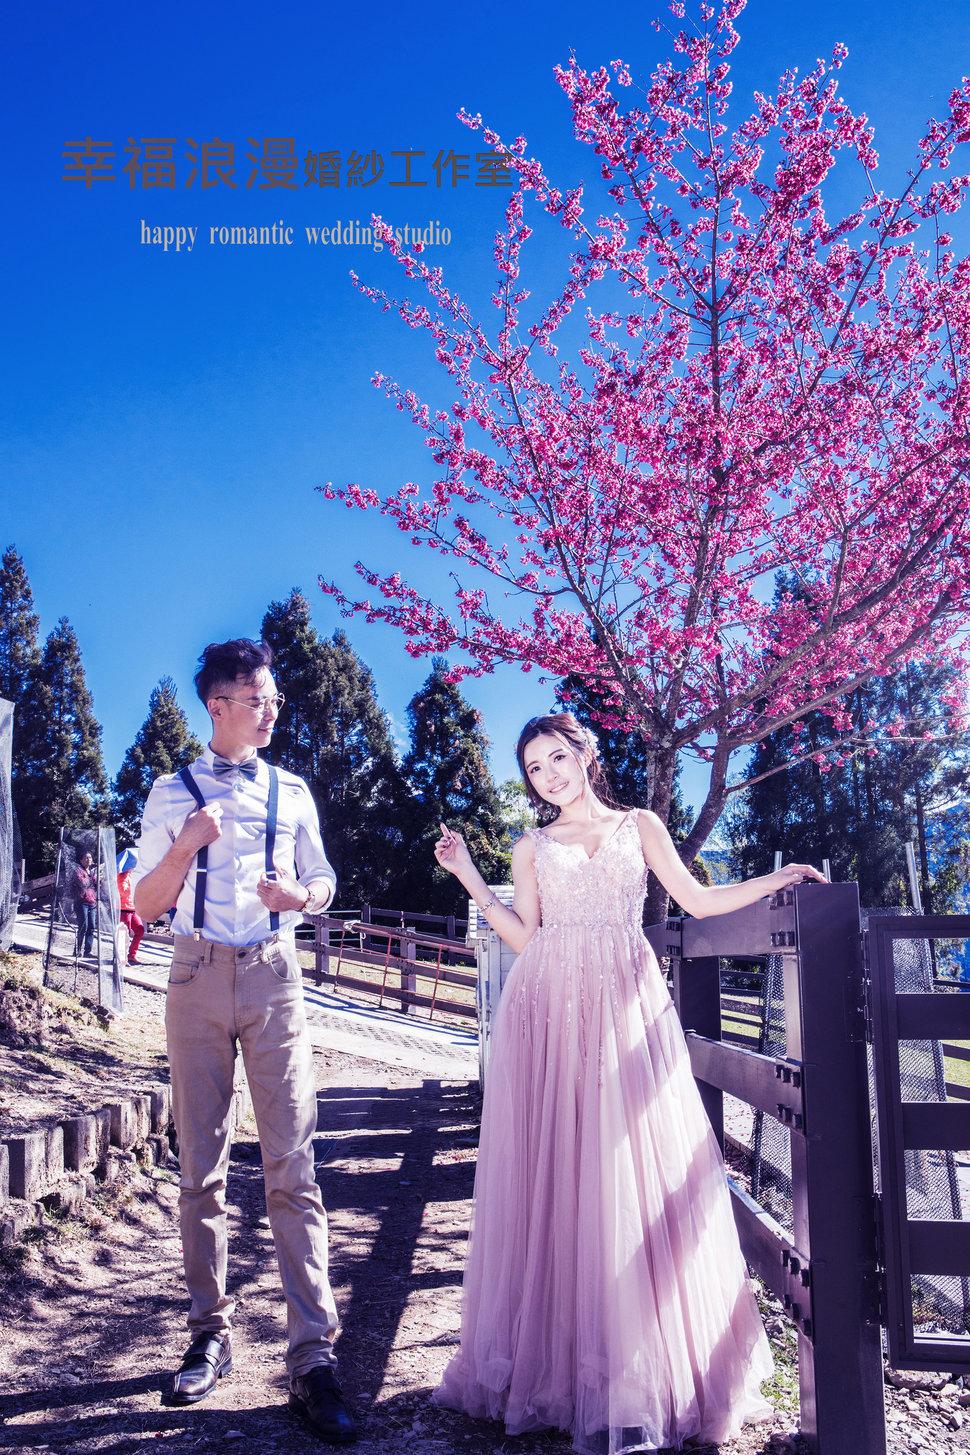 5G3A6360-1_調整大小 - 幸福浪漫婚紗工作室 韓式婚紗攝影《結婚吧》